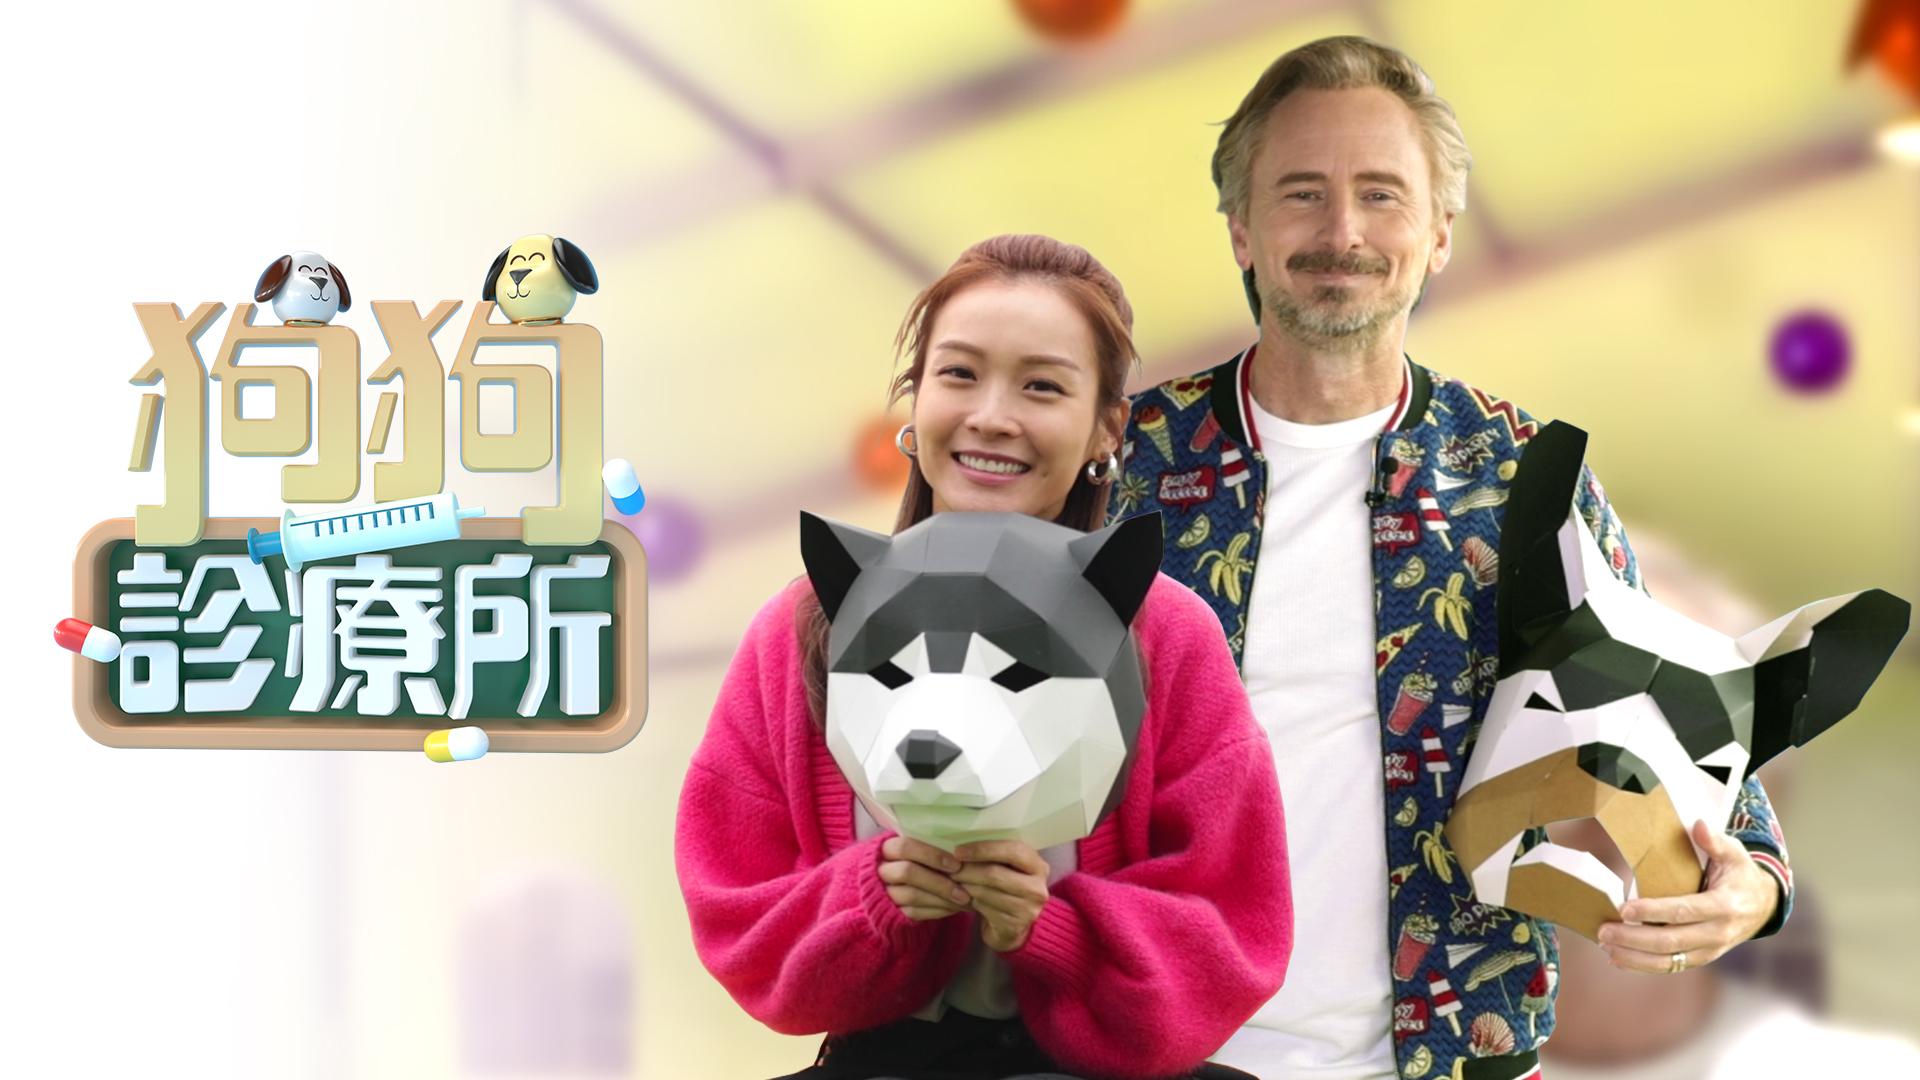 独家综艺节目包括李佳芯主持的《狗狗诊疗所》。-TVB Anywhere有限公司提供-